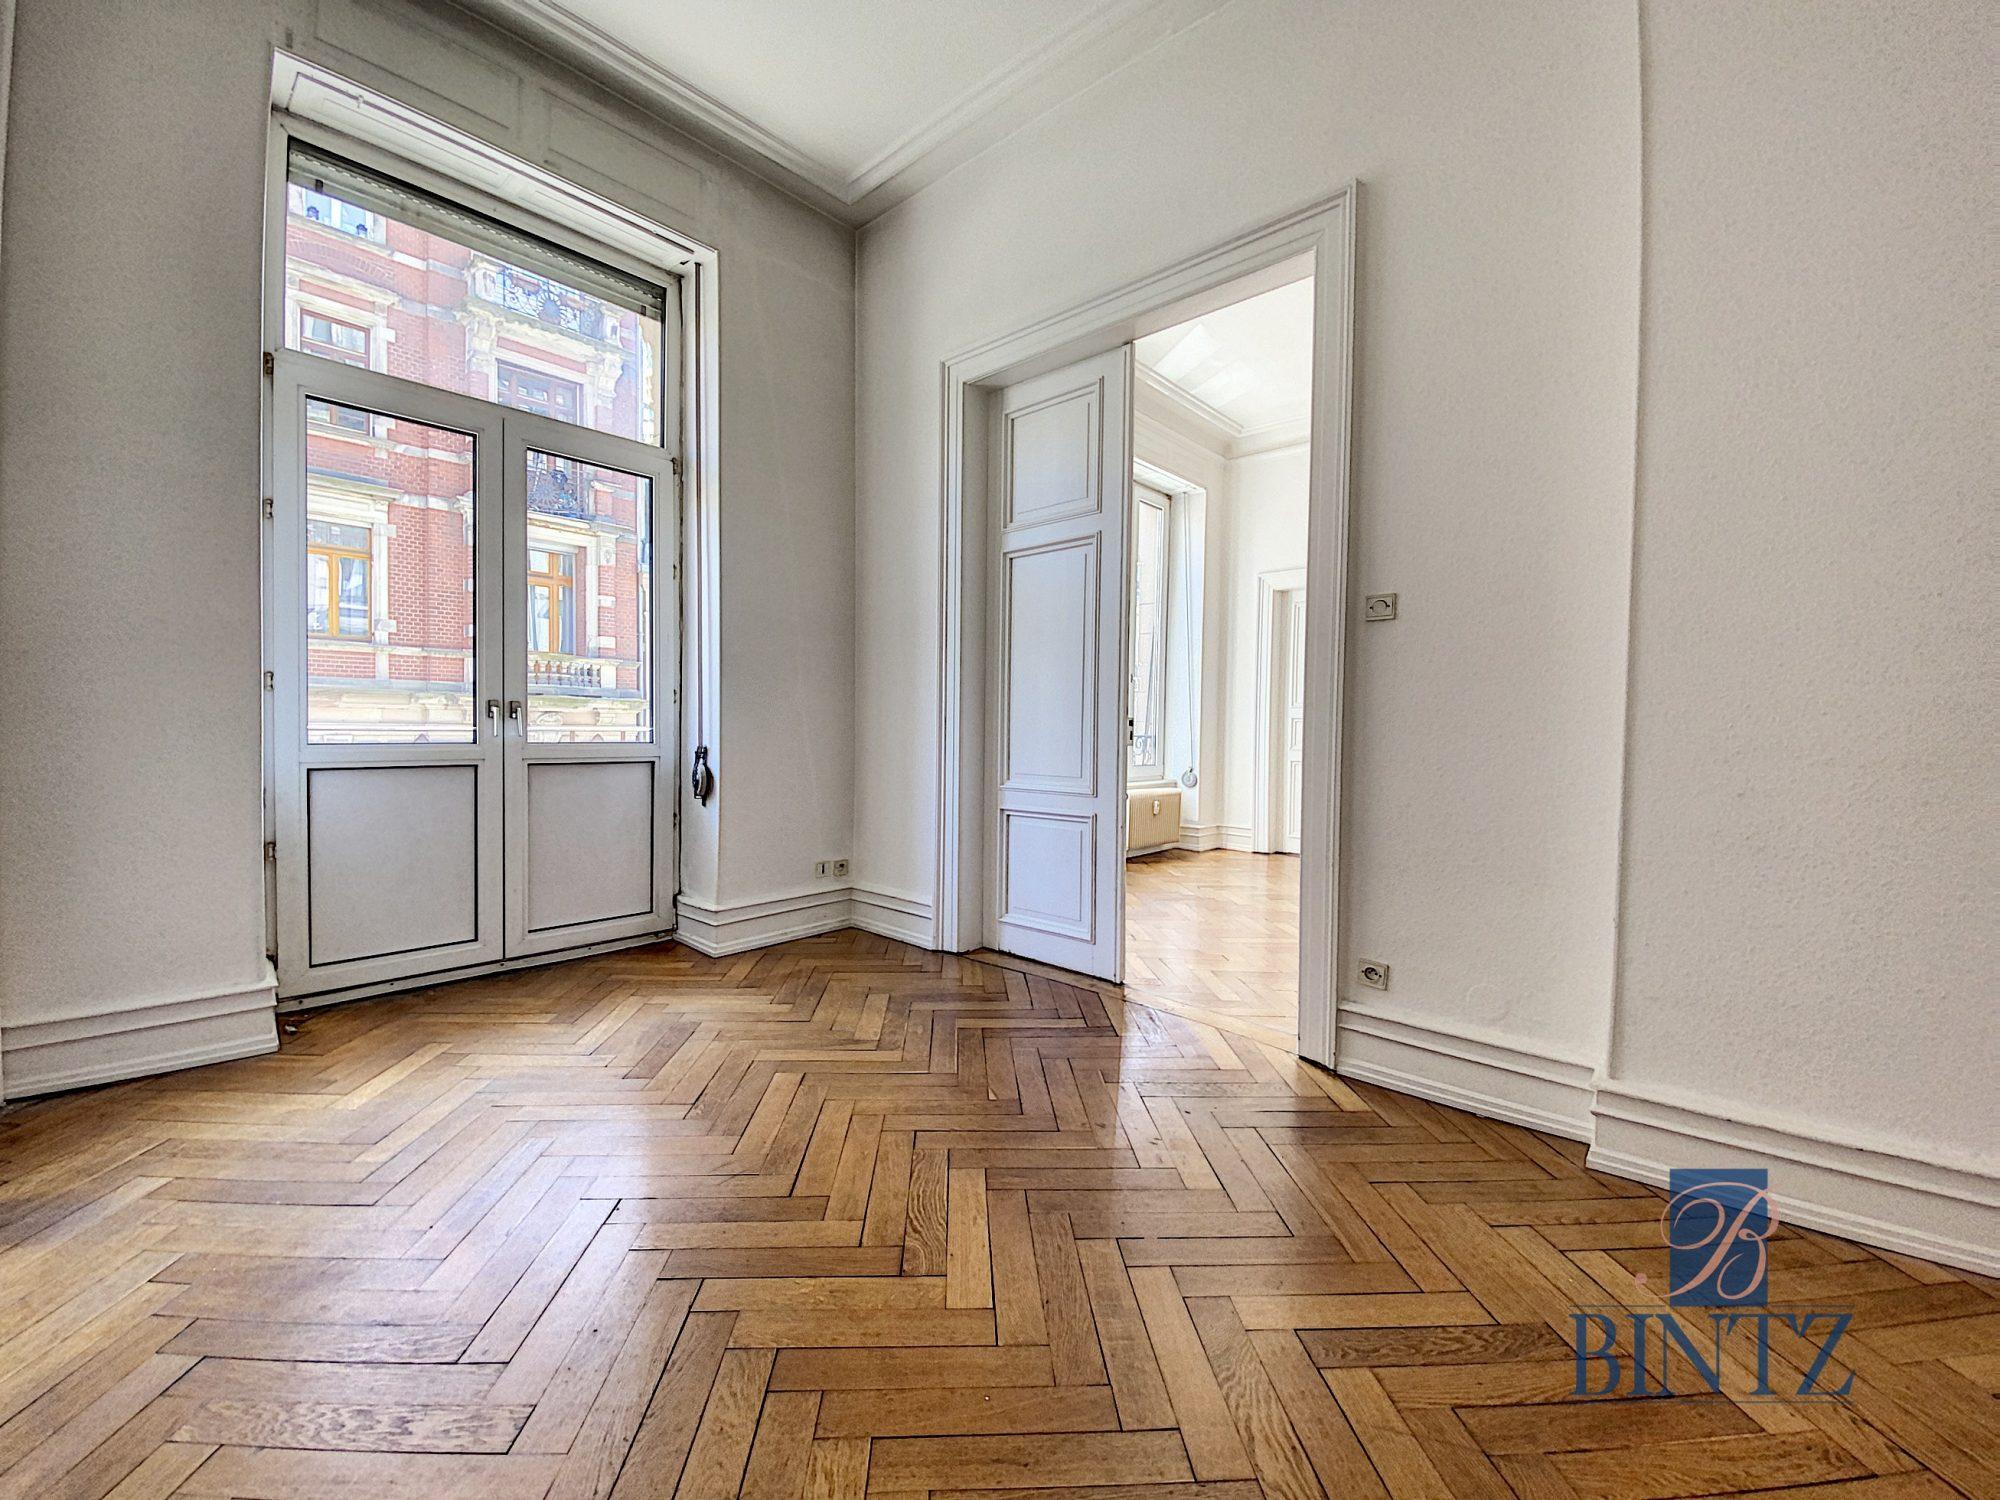 BEAU 4 PIÈCES SECTEUR FORET NOIRE - Devenez locataire en toute sérénité - Bintz Immobilier - 4